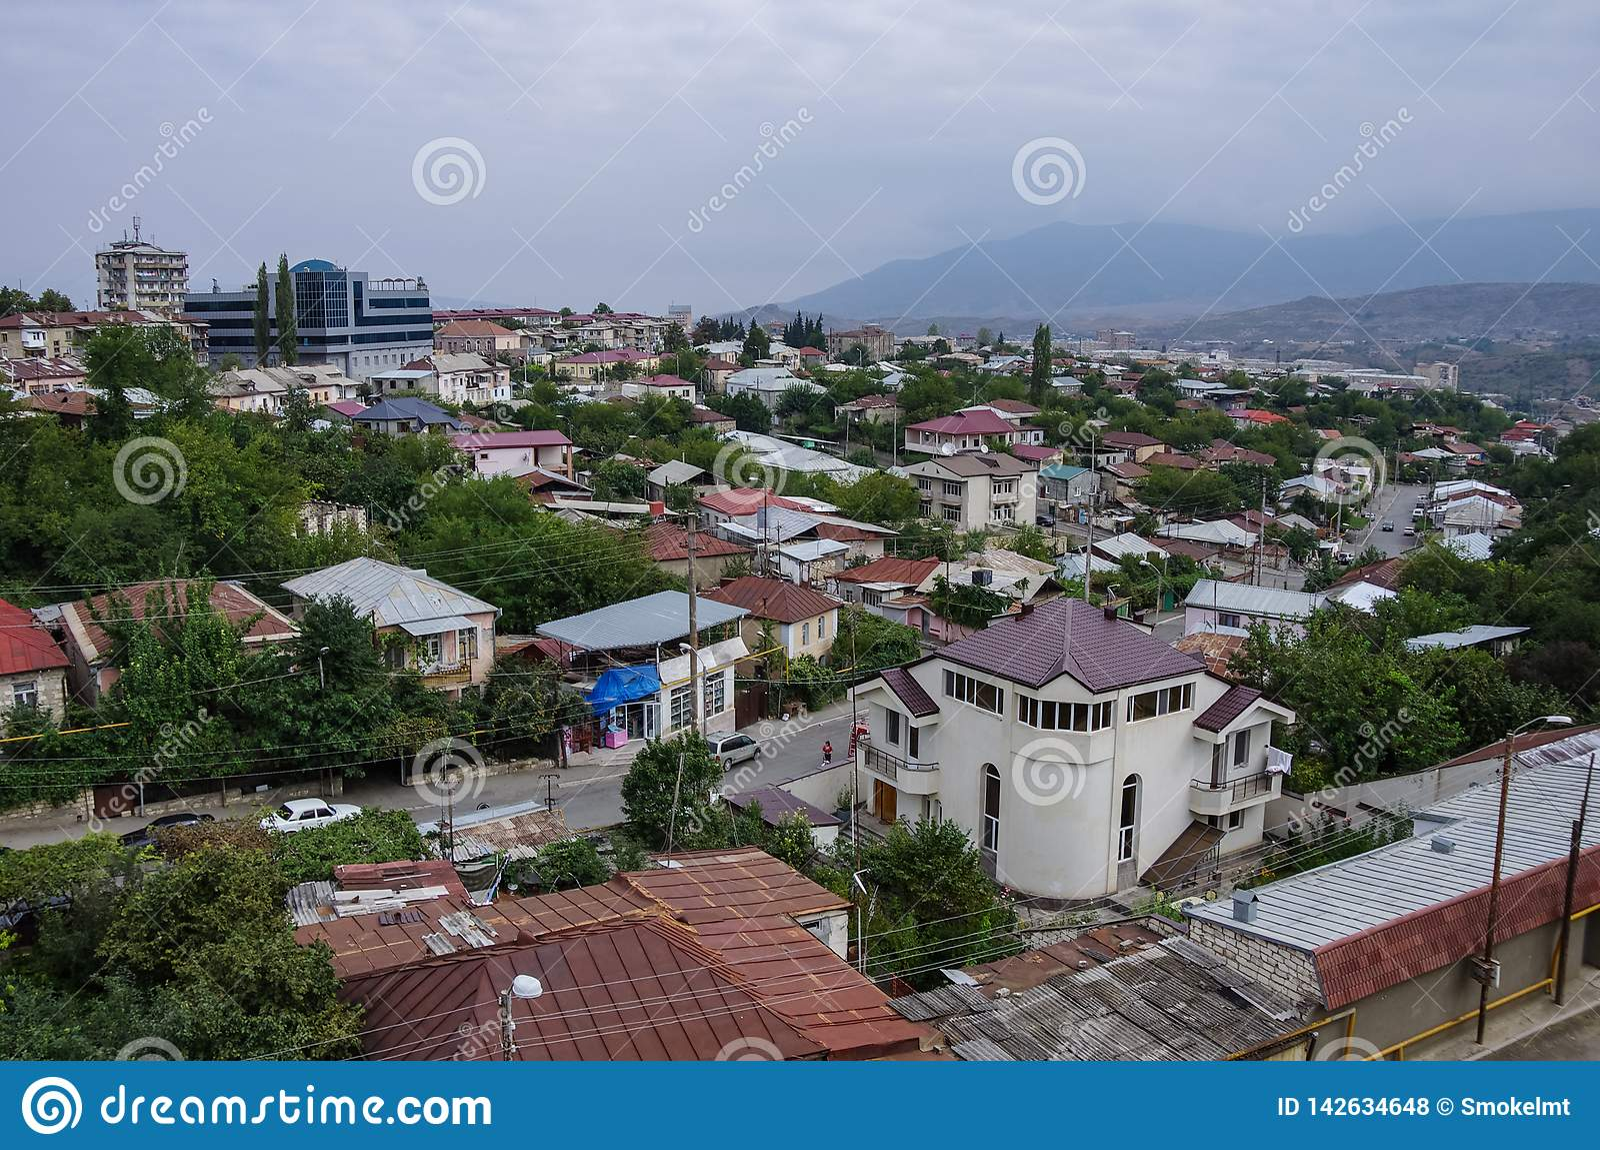 Vista superior aérea de Stepanakert la capital de Nagorno Karabaj Artsakh